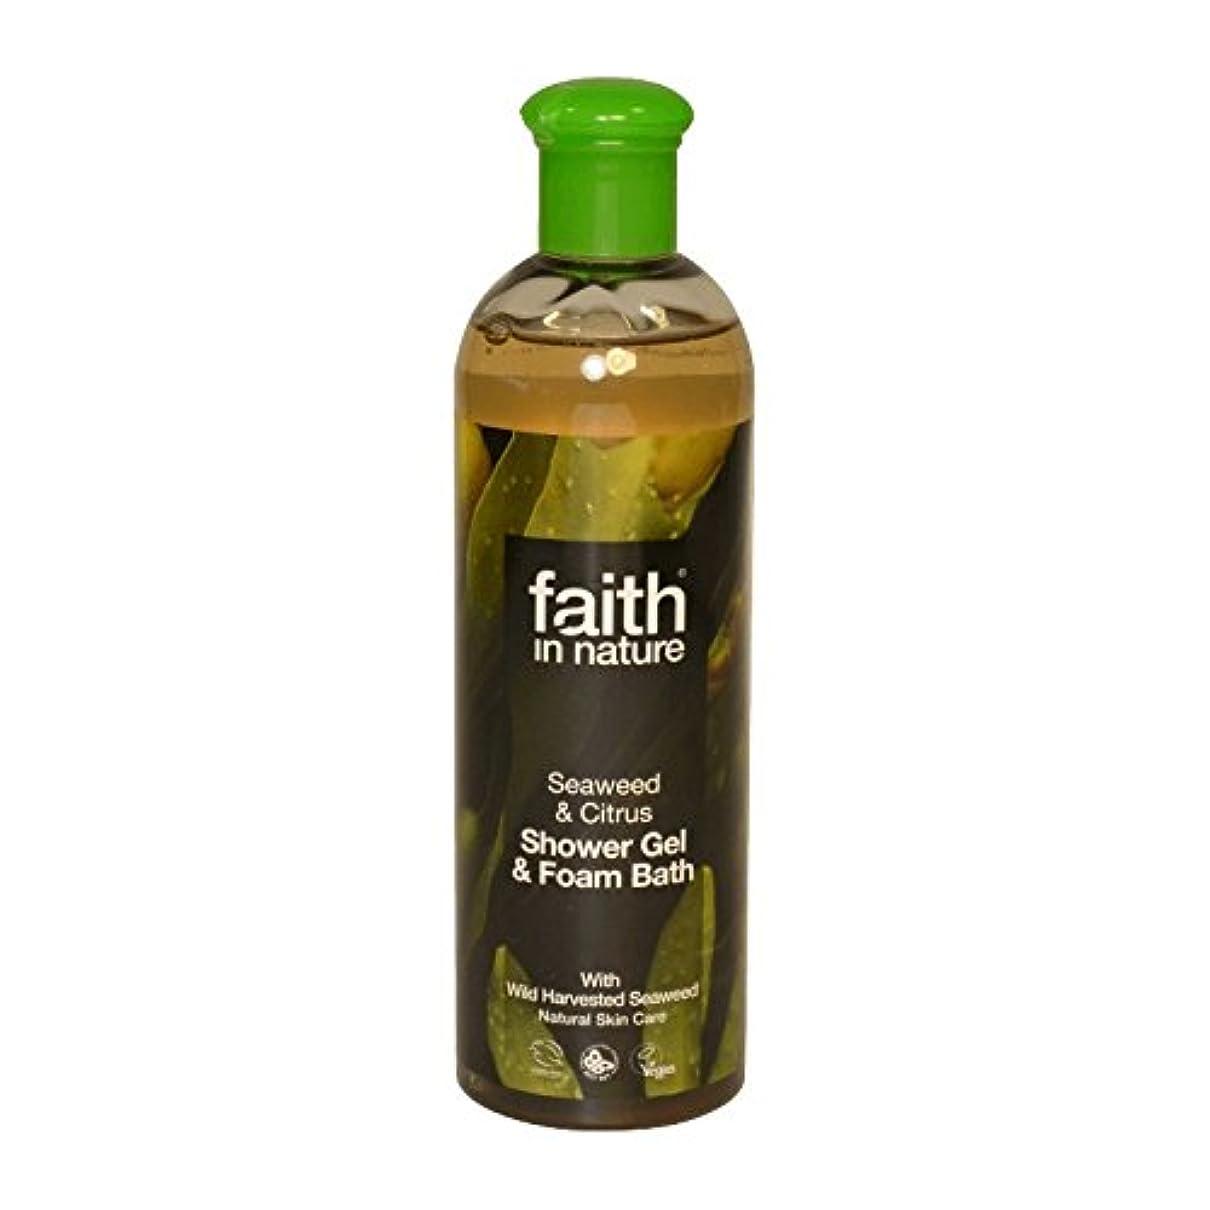 特定の自分の力ですべてをする自然の海藻&シトラスシャワージェル&バス泡400ミリリットルの信仰 - Faith in Nature Seaweed & Citrus Shower Gel & Bath Foam 400ml (Faith in Nature) [並行輸入品]